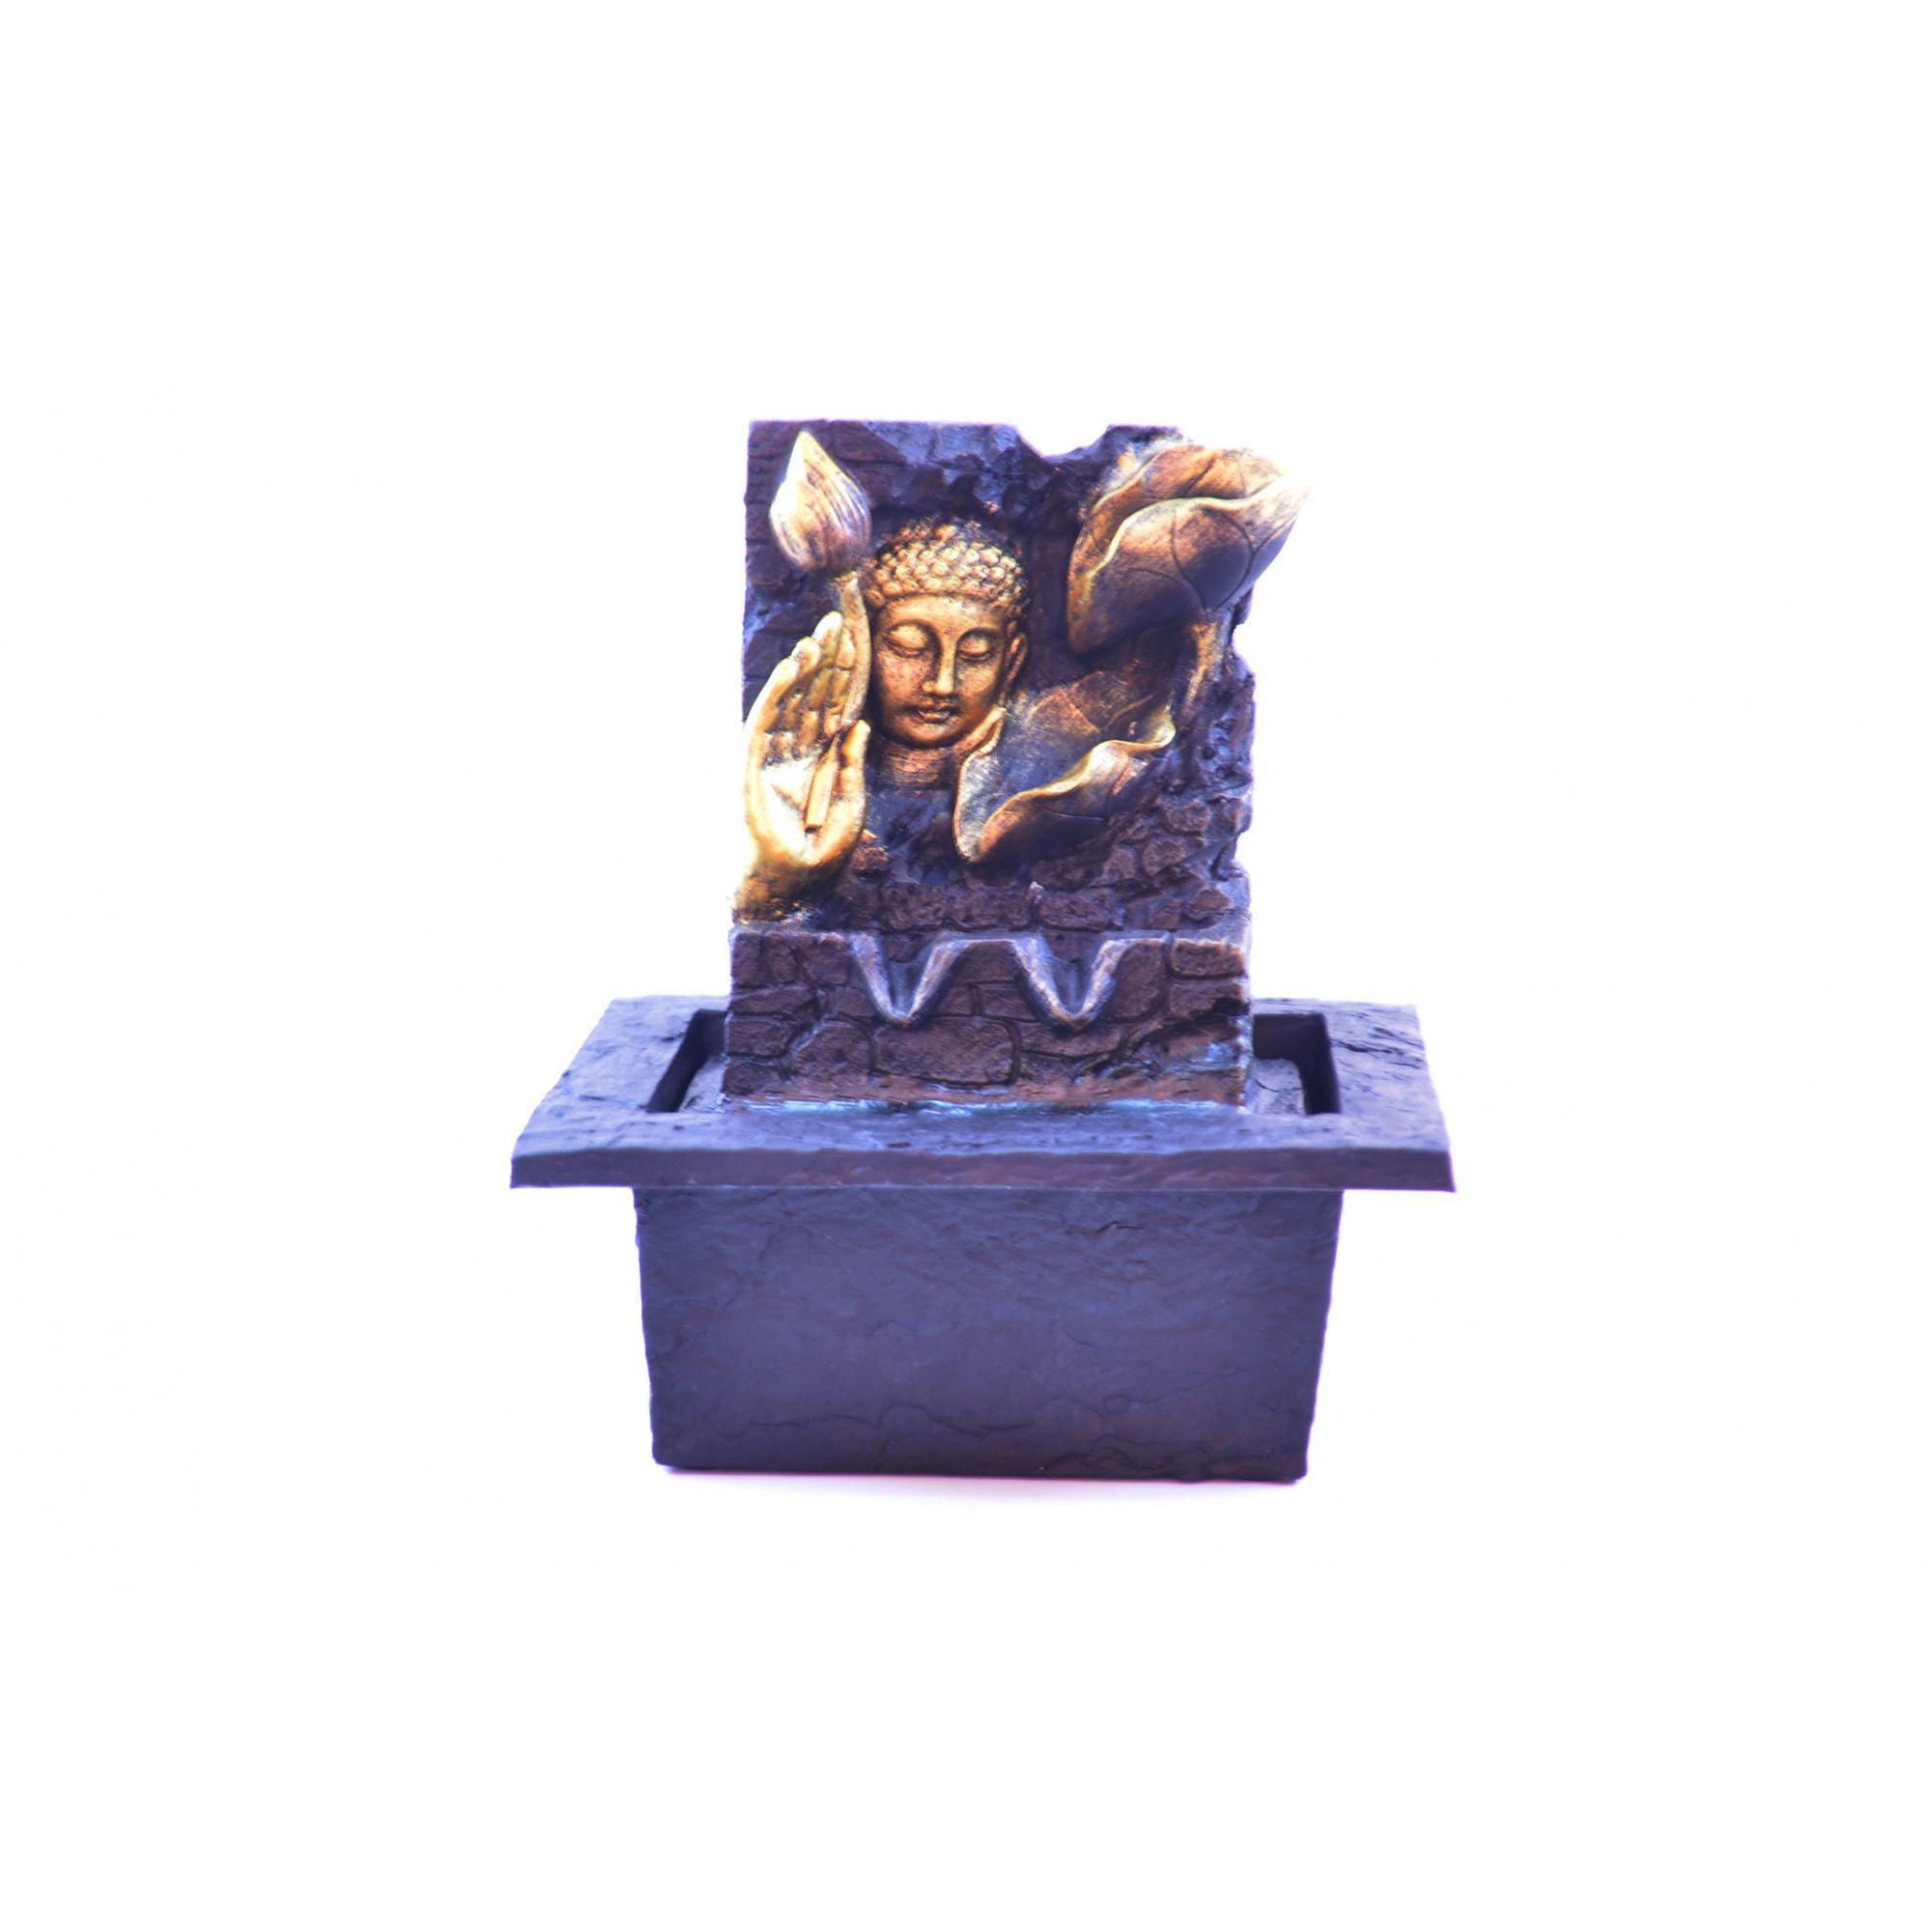 Fonte de Água Buda Face com Mãos Resina 19cm